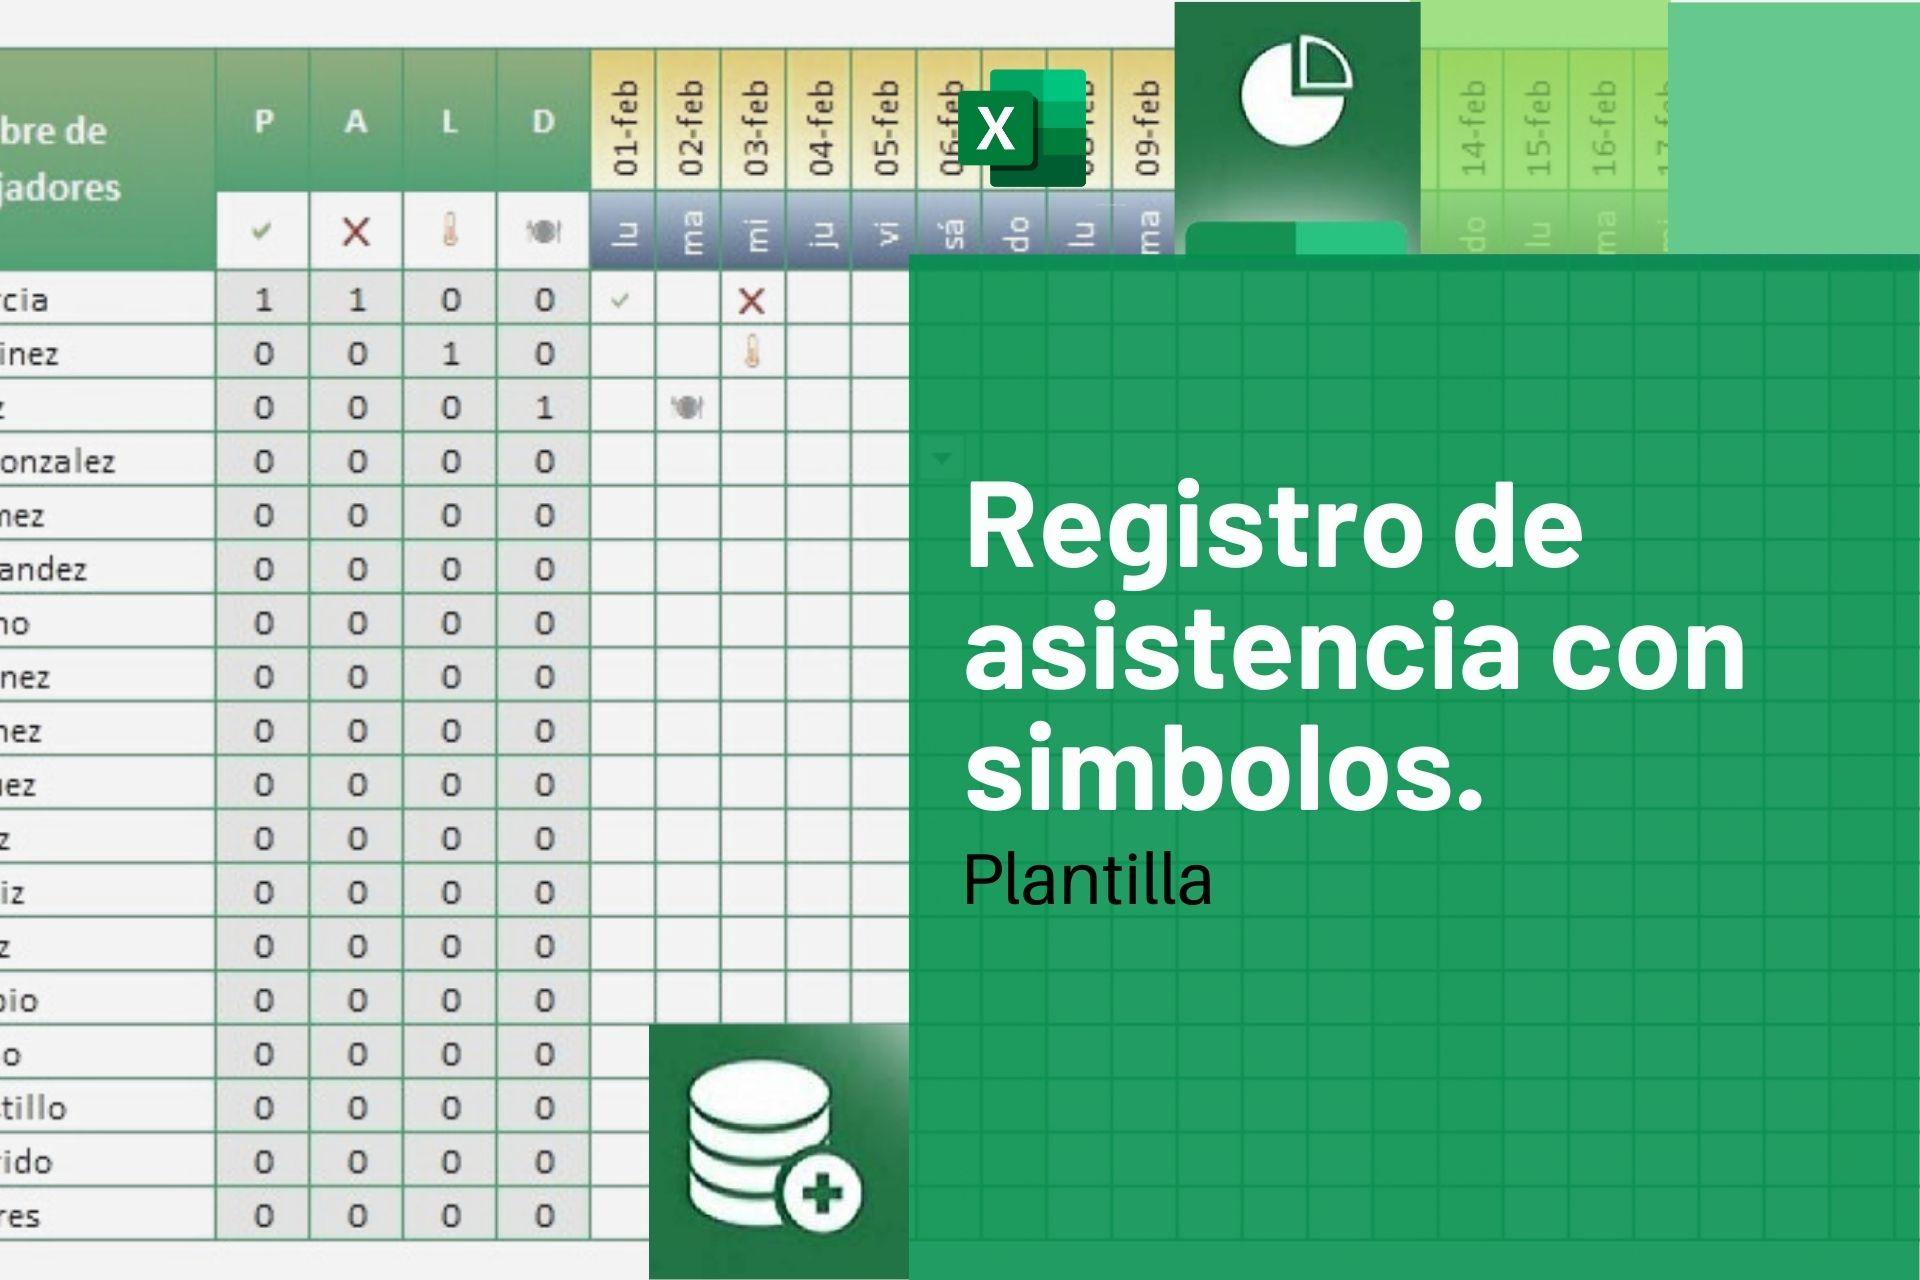 Registro de asistencia con simbolos